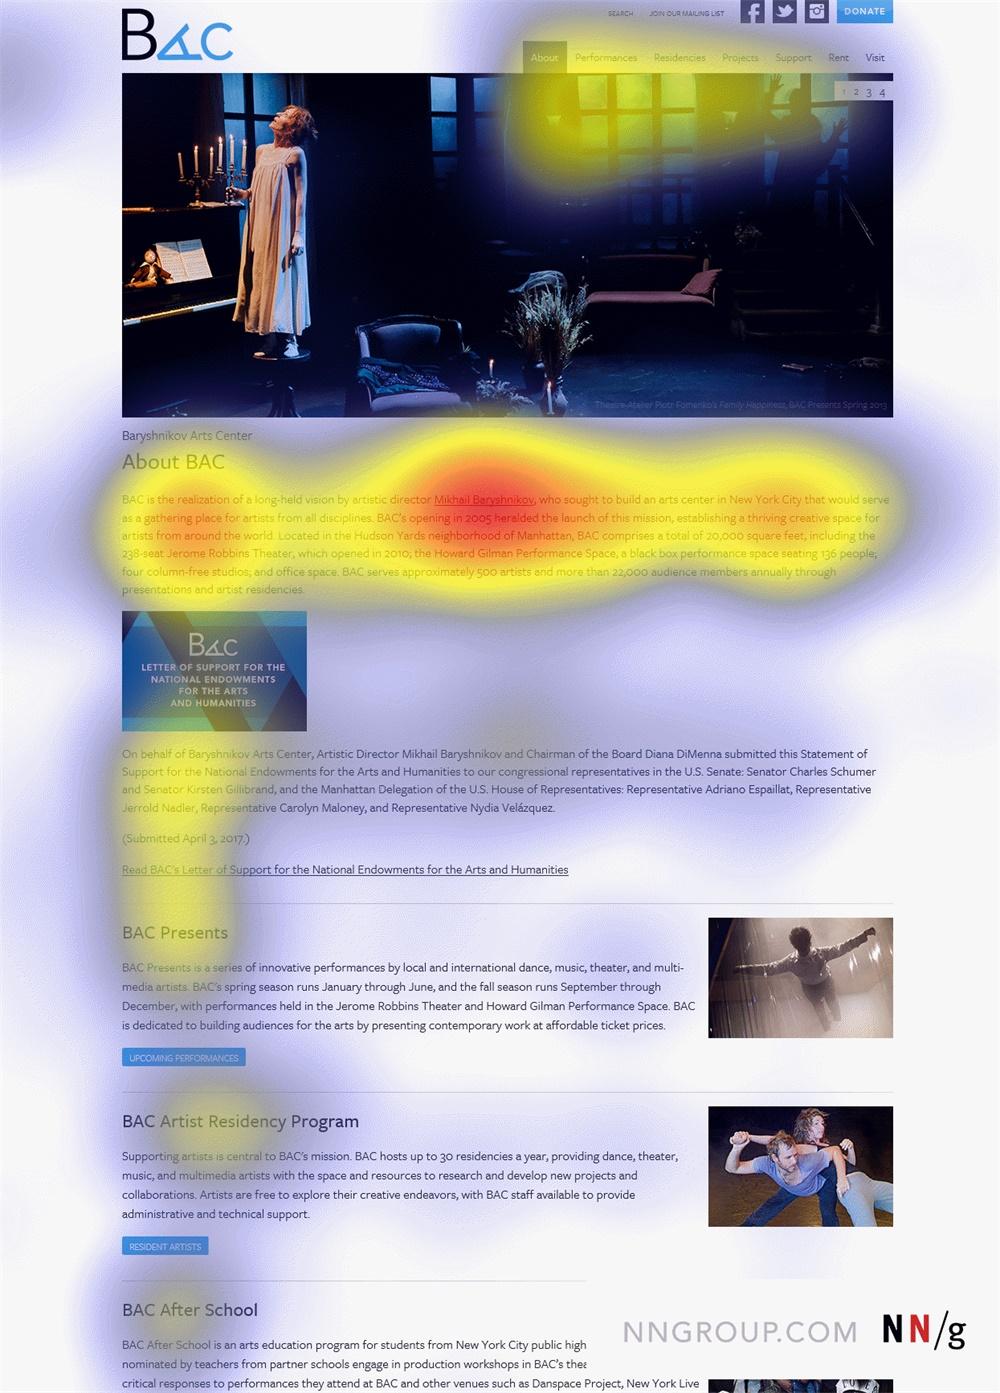 想提高转化率?你得了解这个最新的「广告盲」现象!